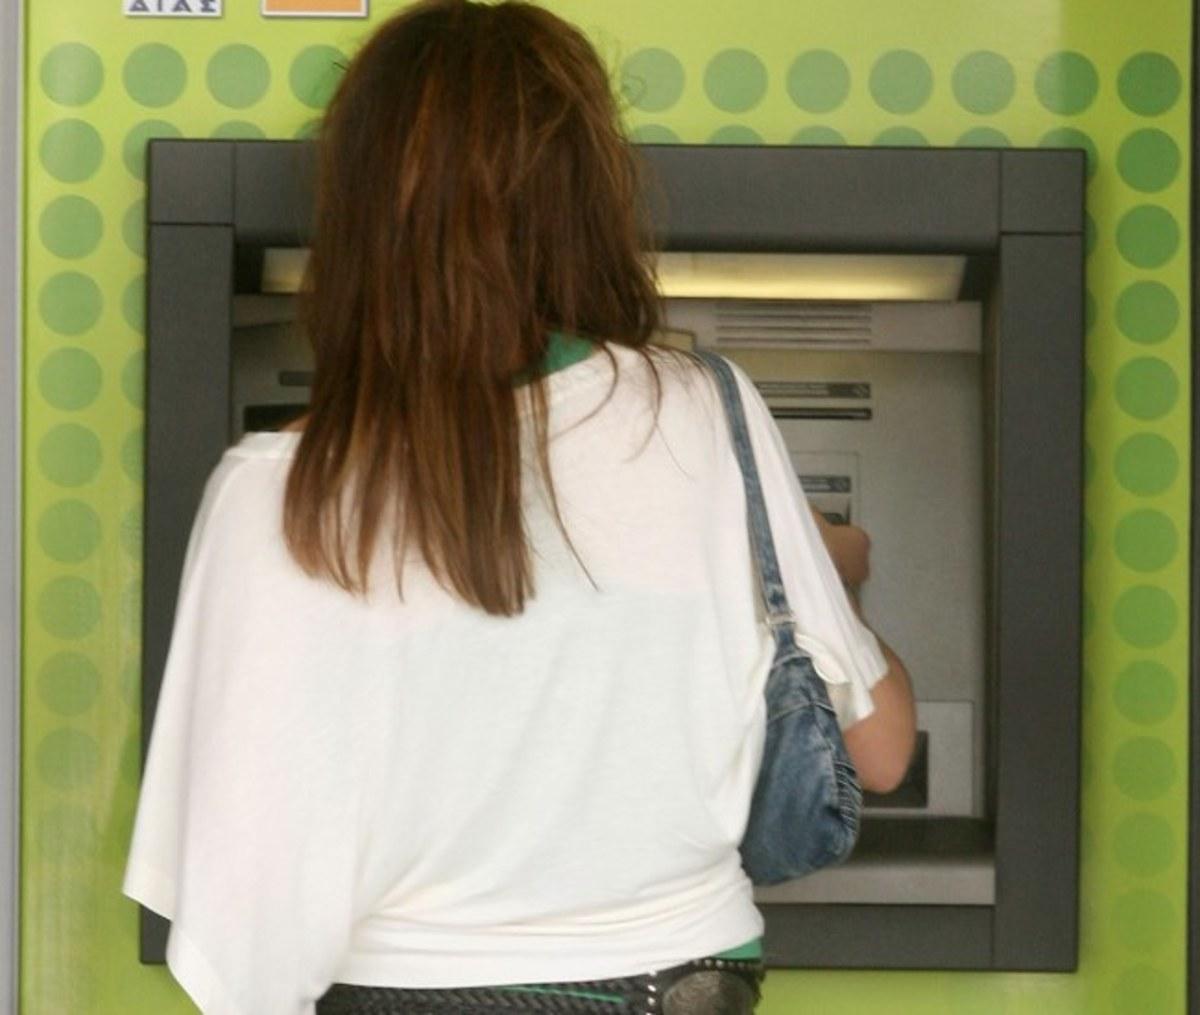 Τζόκερ: Έτσι αλλάζει το υπόλοιπο του τραπεζικού τους λογαριασμού – Ραντεβού με την τύχη τους [pics]